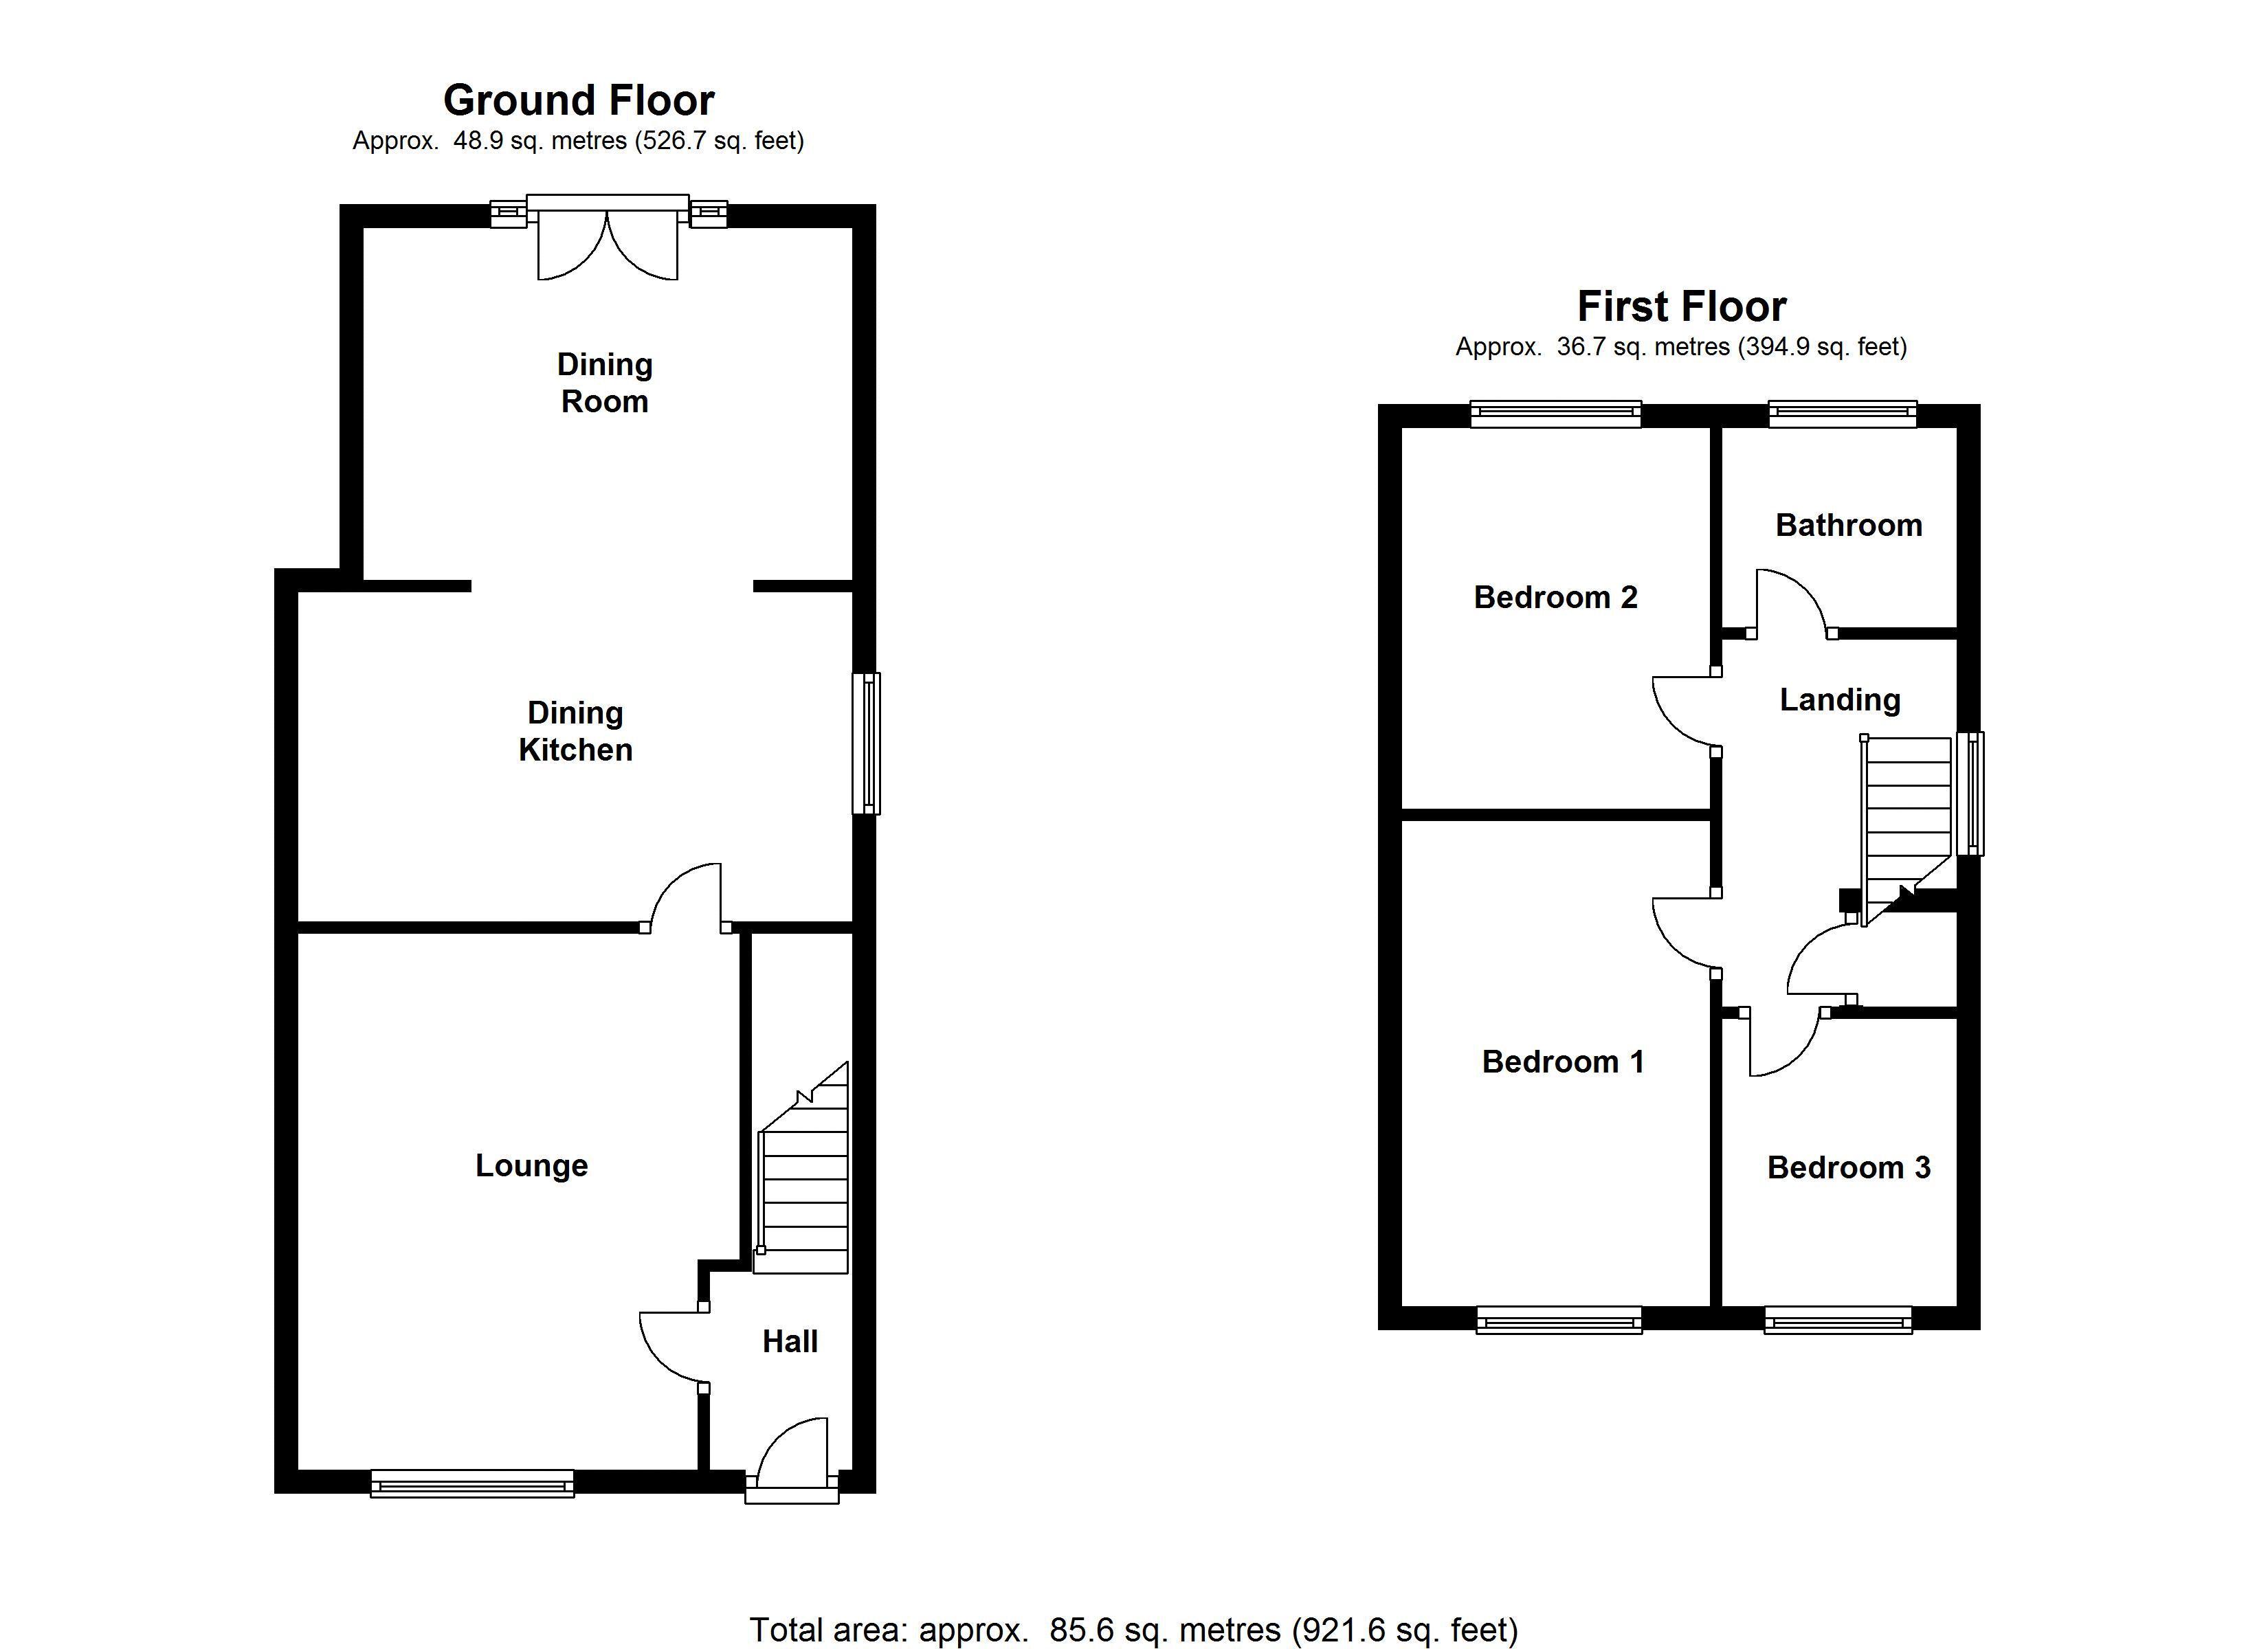 Ground/First Floor